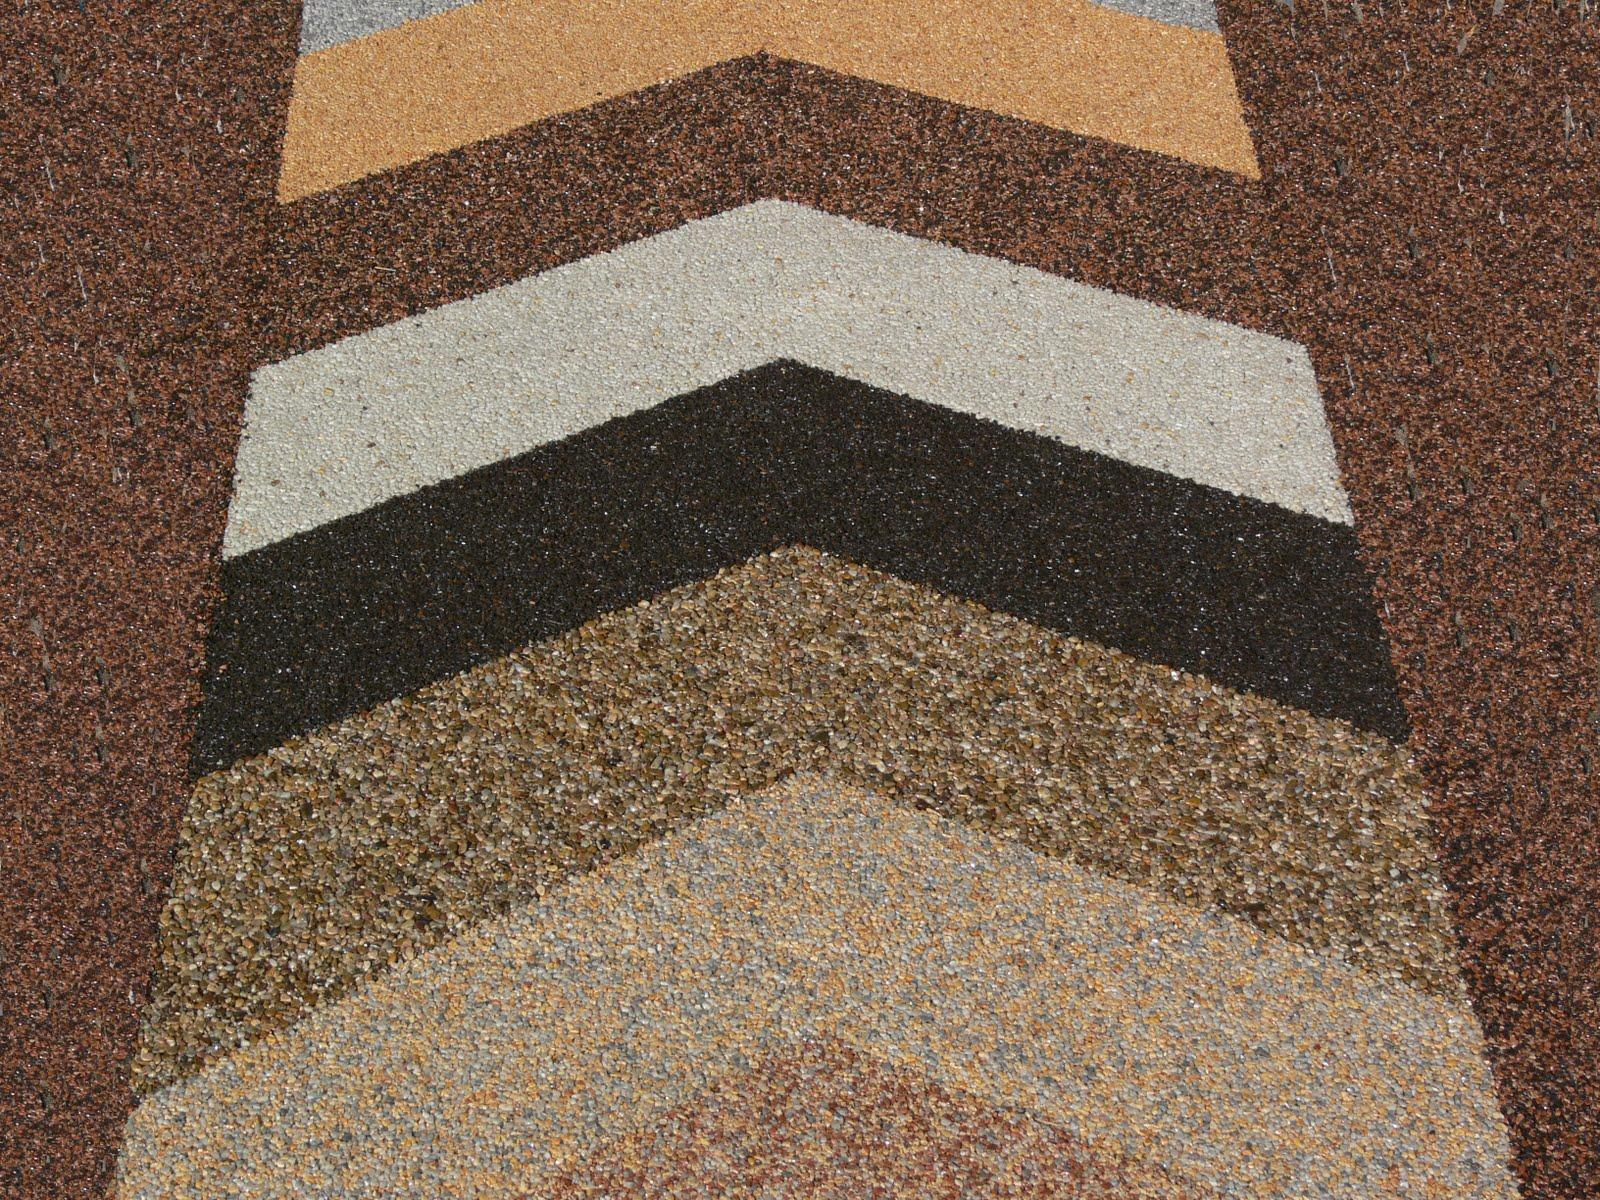 Pavimento drenante pavimento drenante pavimentos - Tipos de pavimentos ...